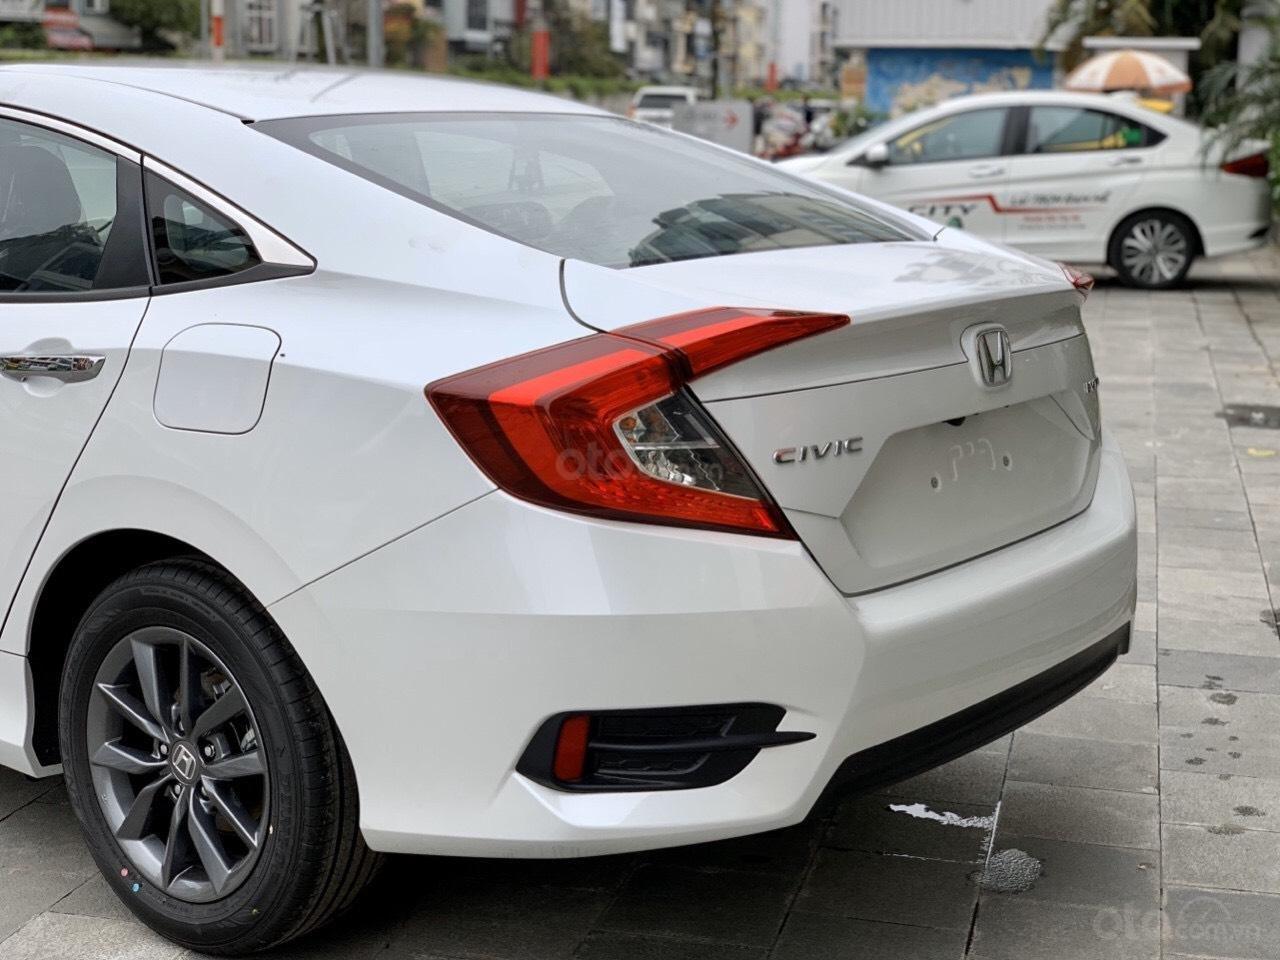 Siêu khuyến mãi Honda Civic 2020 nhập khẩu, khuyến mại 80 triệu tiền mặt, phụ kiện (5)